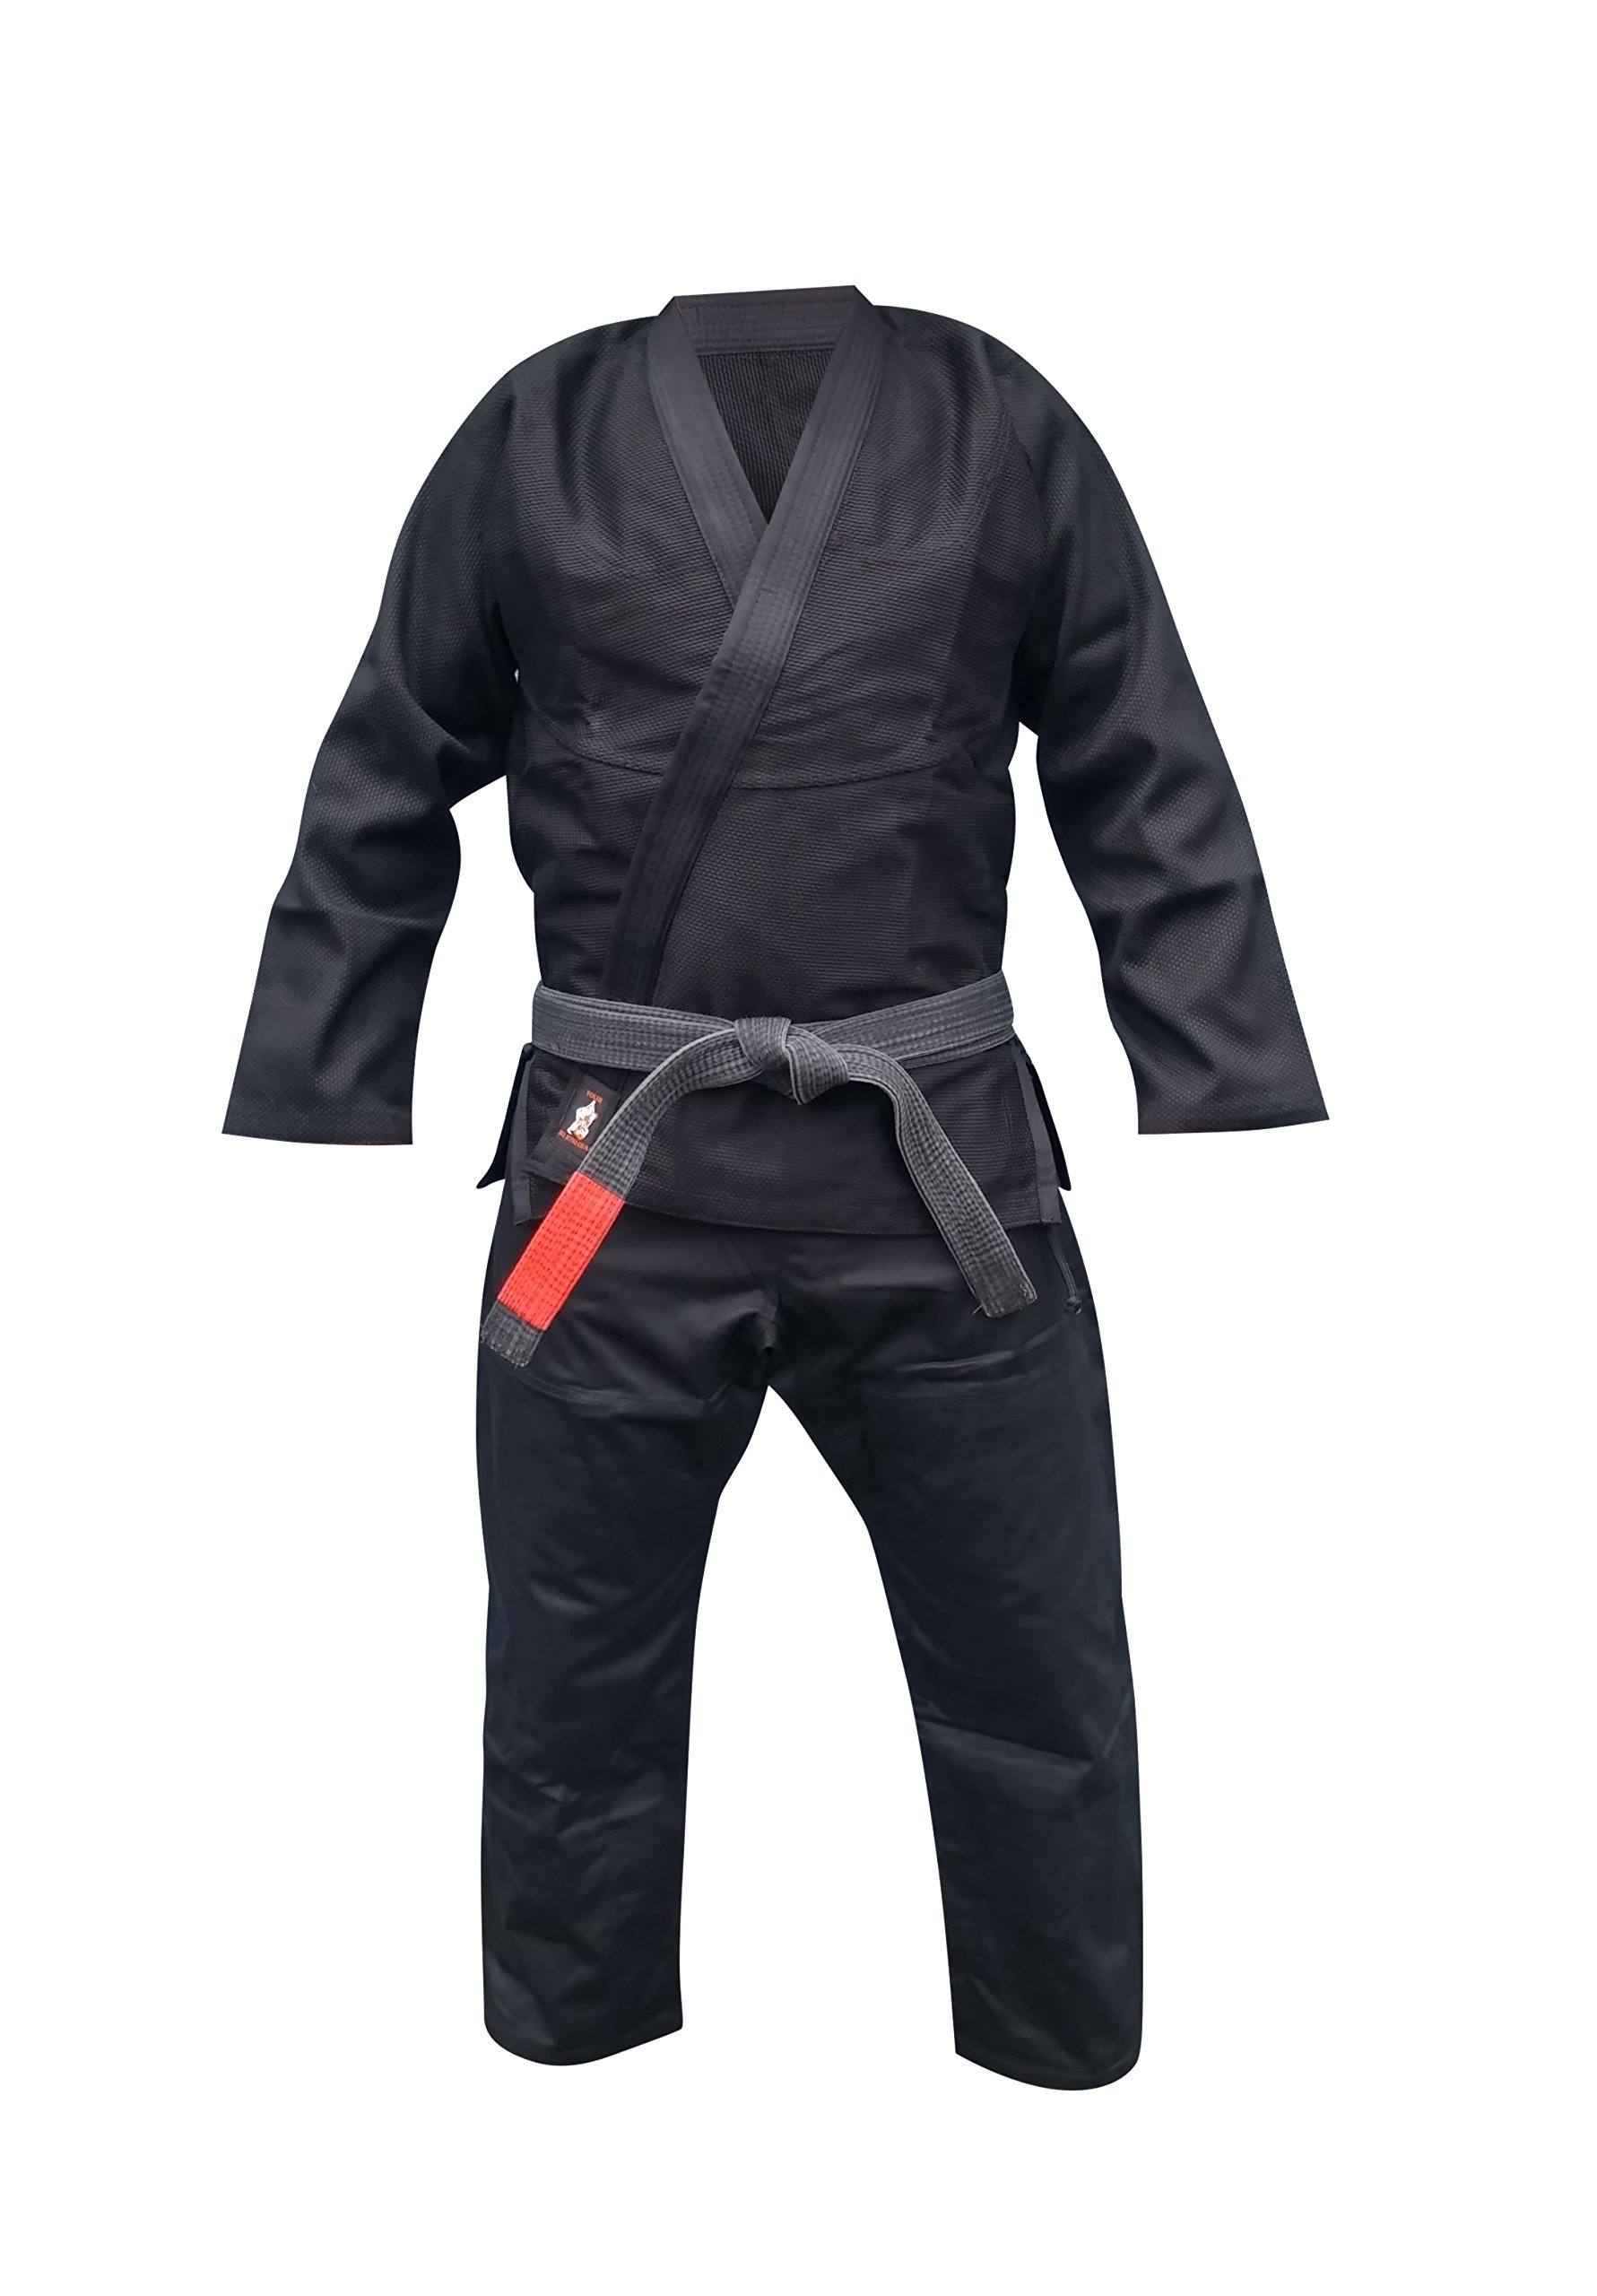 Jiu Jitsu Brazilian GI Jiu Jitsu Lightweight Premium Uniform with Free Belt